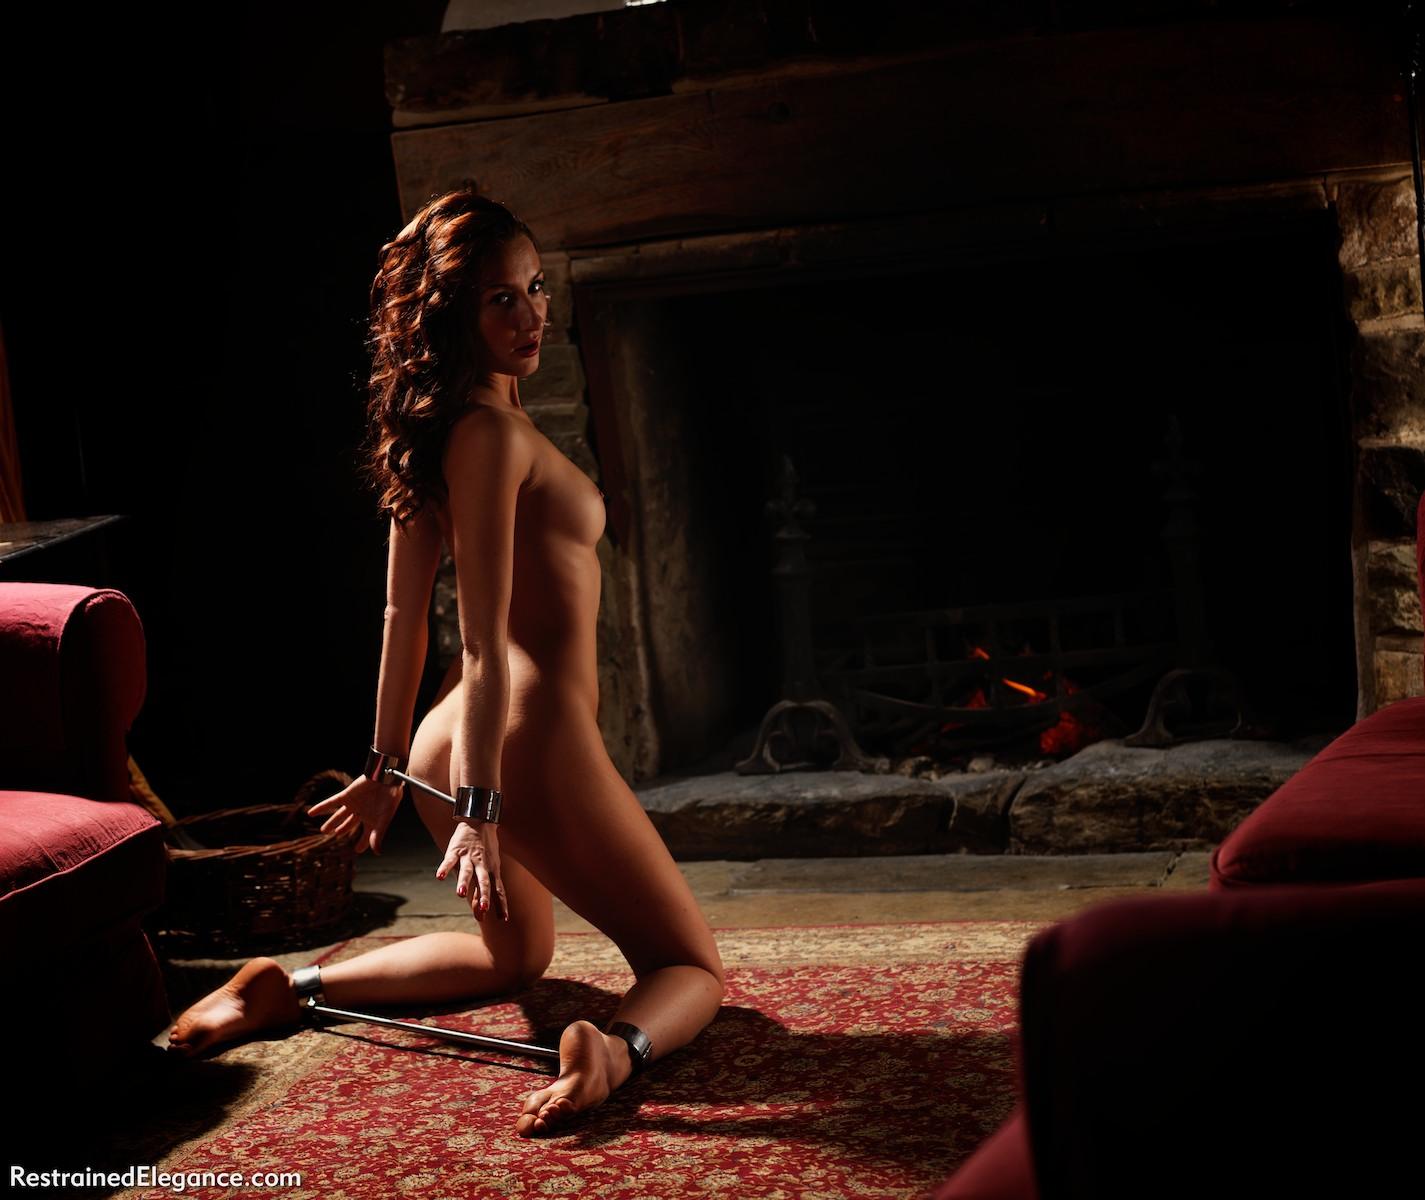 female bondage photography